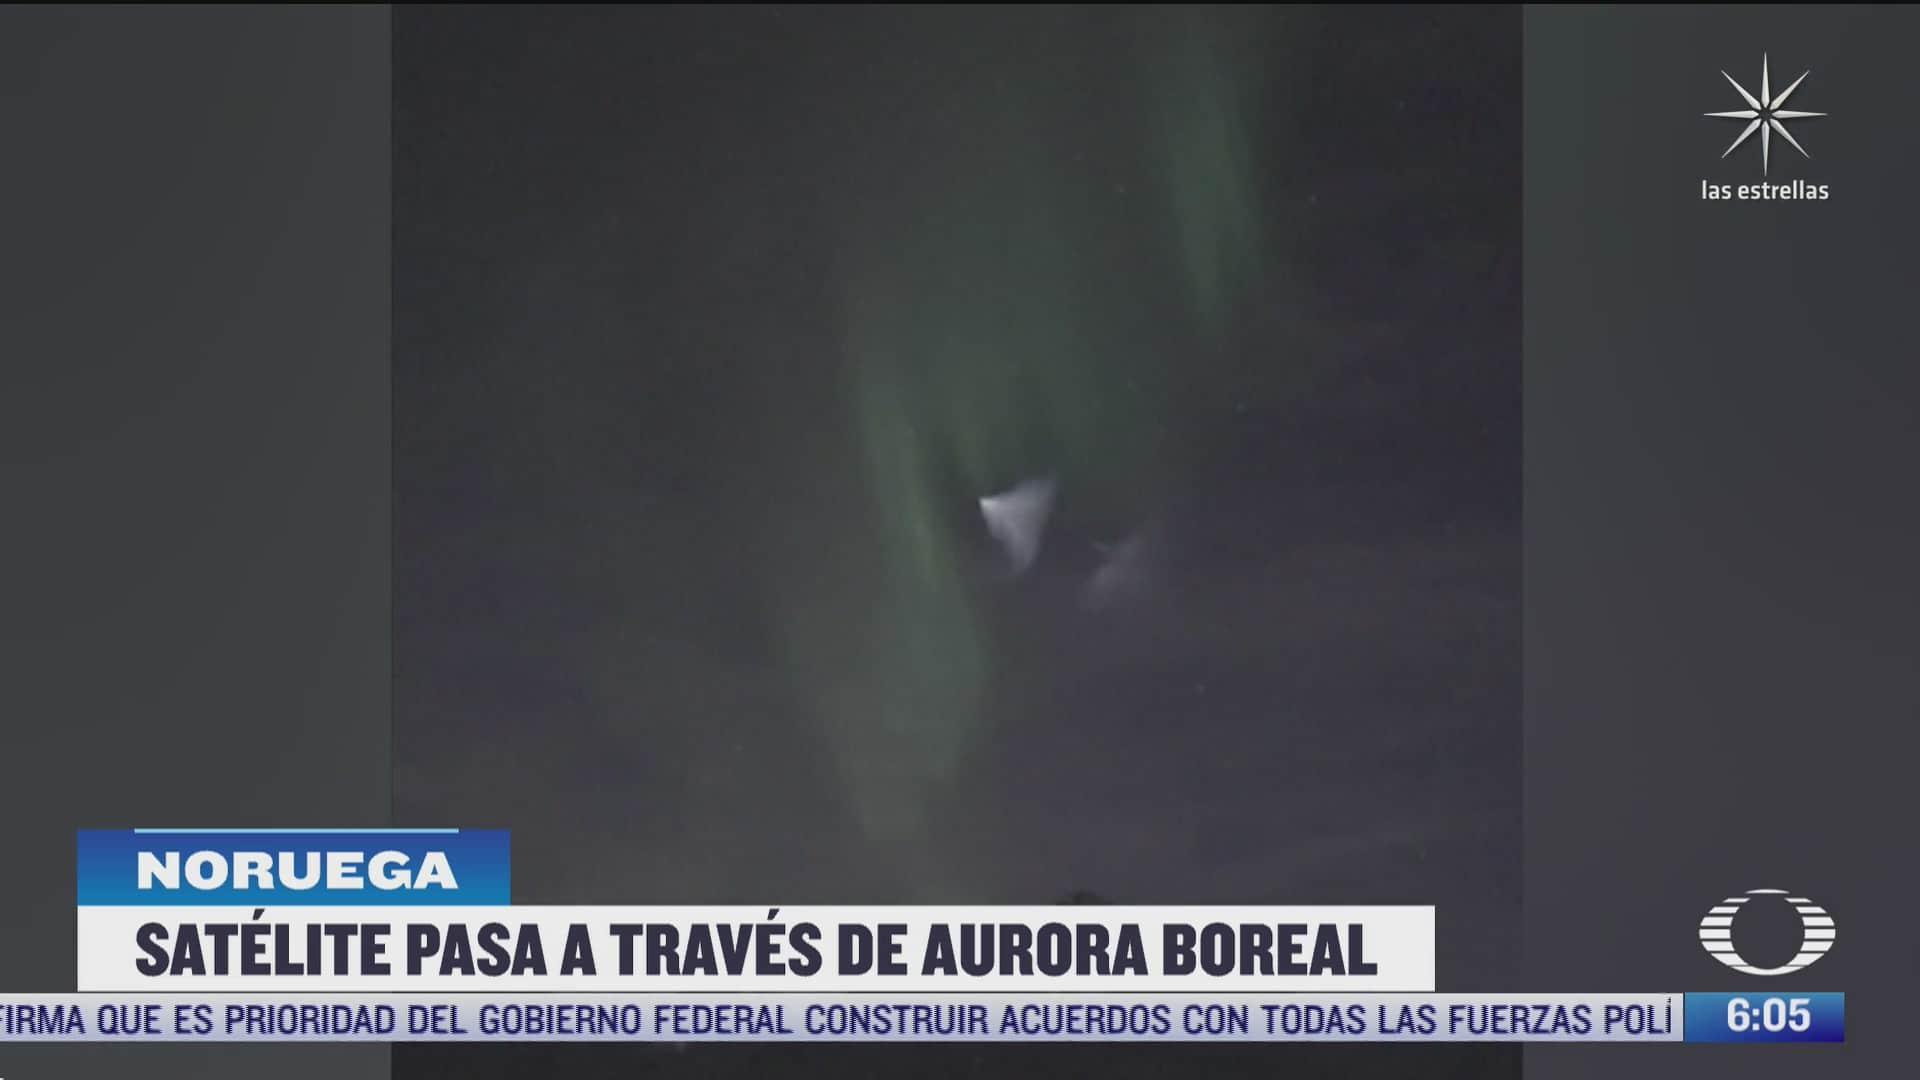 satelite de la nasa cruza espectacular aurora boreal